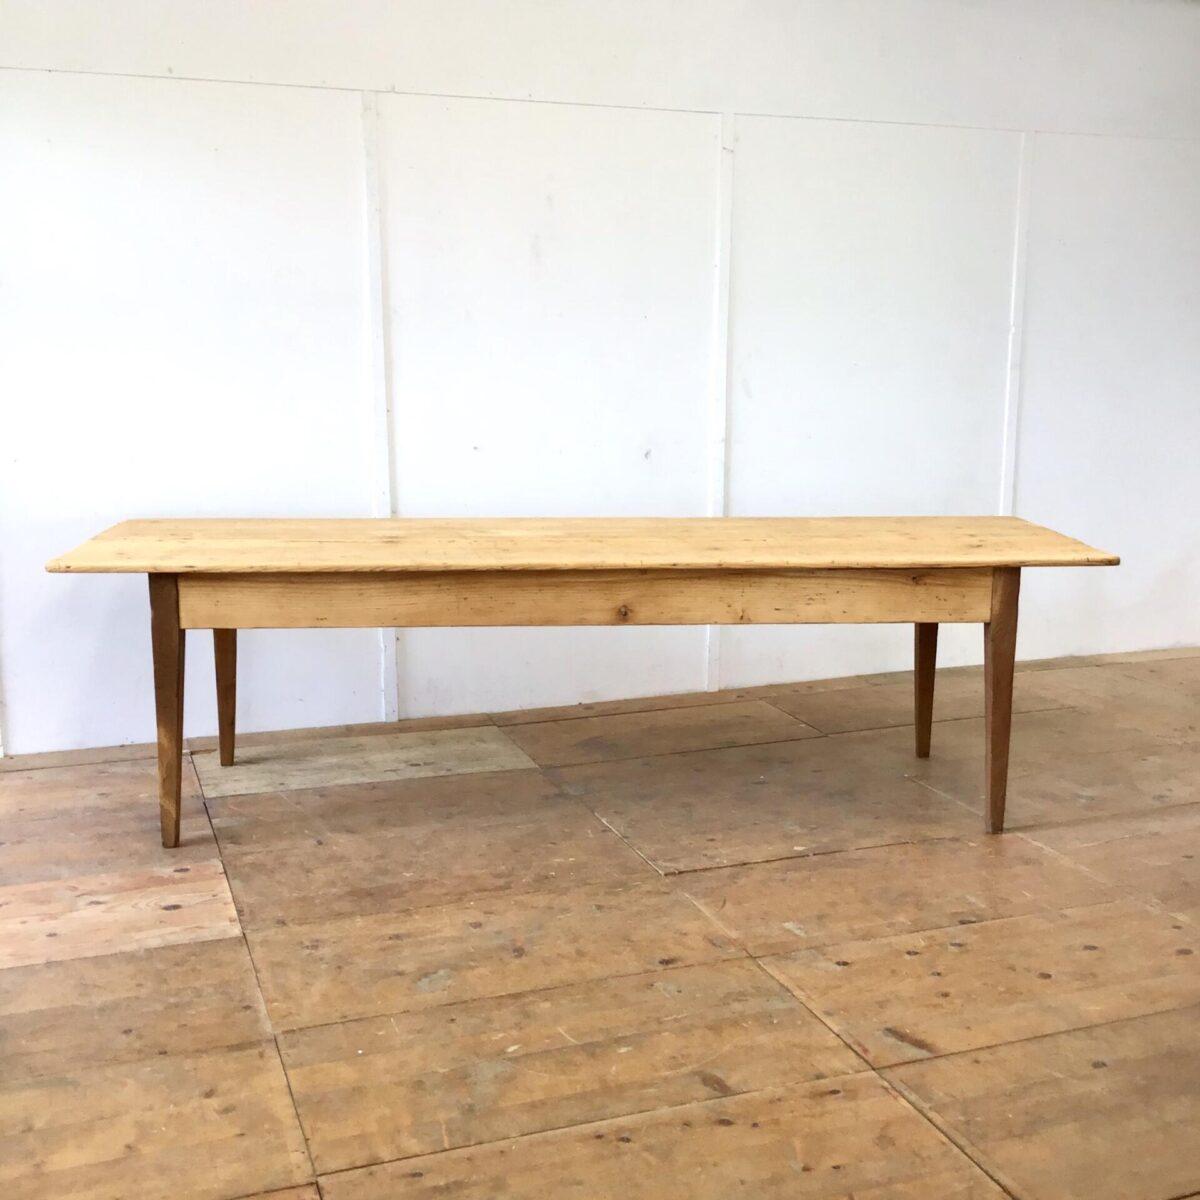 Langer Biedermeiertisch aus Tannenholz. 270 x 84cm Höhe 75cm. Dieser alte Esstisch wurde als Arbeitstisch verwendet bevor er zu uns kam. Dementsprechend hat er diverse Beulen, Schrammen und kleinere Farbflecken, die ins Holz eingedrungen sind. Der Tisch ist komplett geschliffen und geölt. In der Tischmitte geht der länge nach ein Riss durchs Tischblatt. Da er organisch mit der Holzmaserung verläuft haben wir ihn so belassen. Nur leicht ausgeschliffen, und die scharfen Kanten etwas entschärft. Technisch haben wir den Tisch in stabilen, Alltagstauglichen Zustand gebracht. Es finden bis zu 10 Personen angenehm daran Platz.